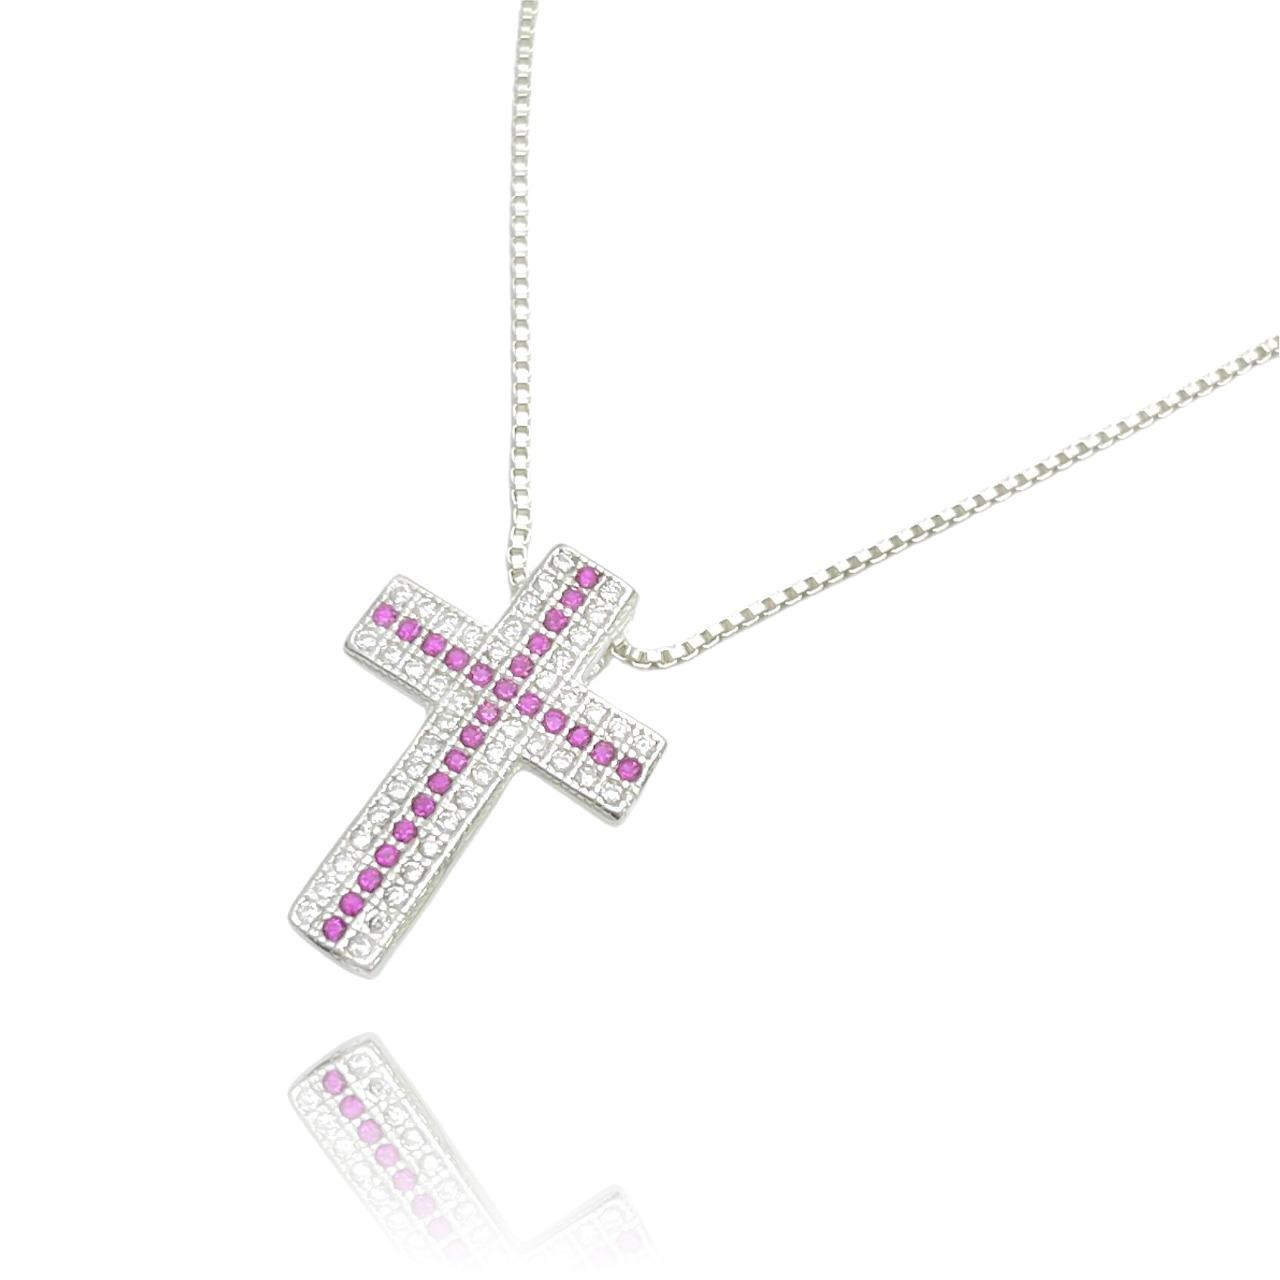 Pingente Crucifixo Cravejado em Zircônia Rosa (2,2cmX1,6cm) (Prata 925 Maciça)